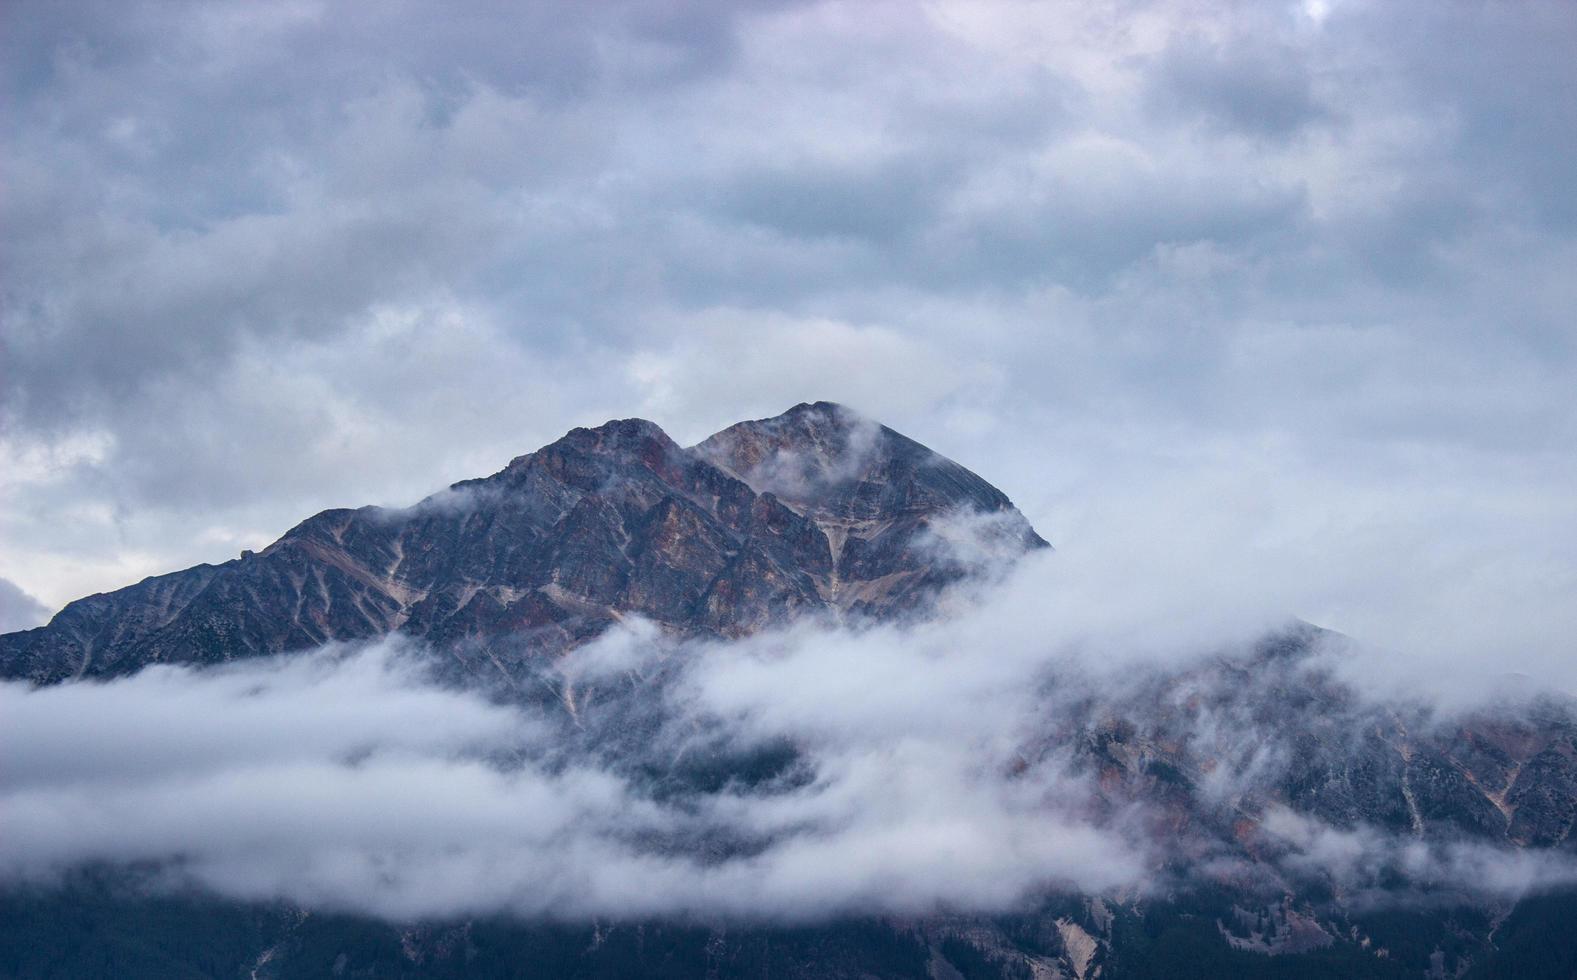 montaña cubierta de nubes foto